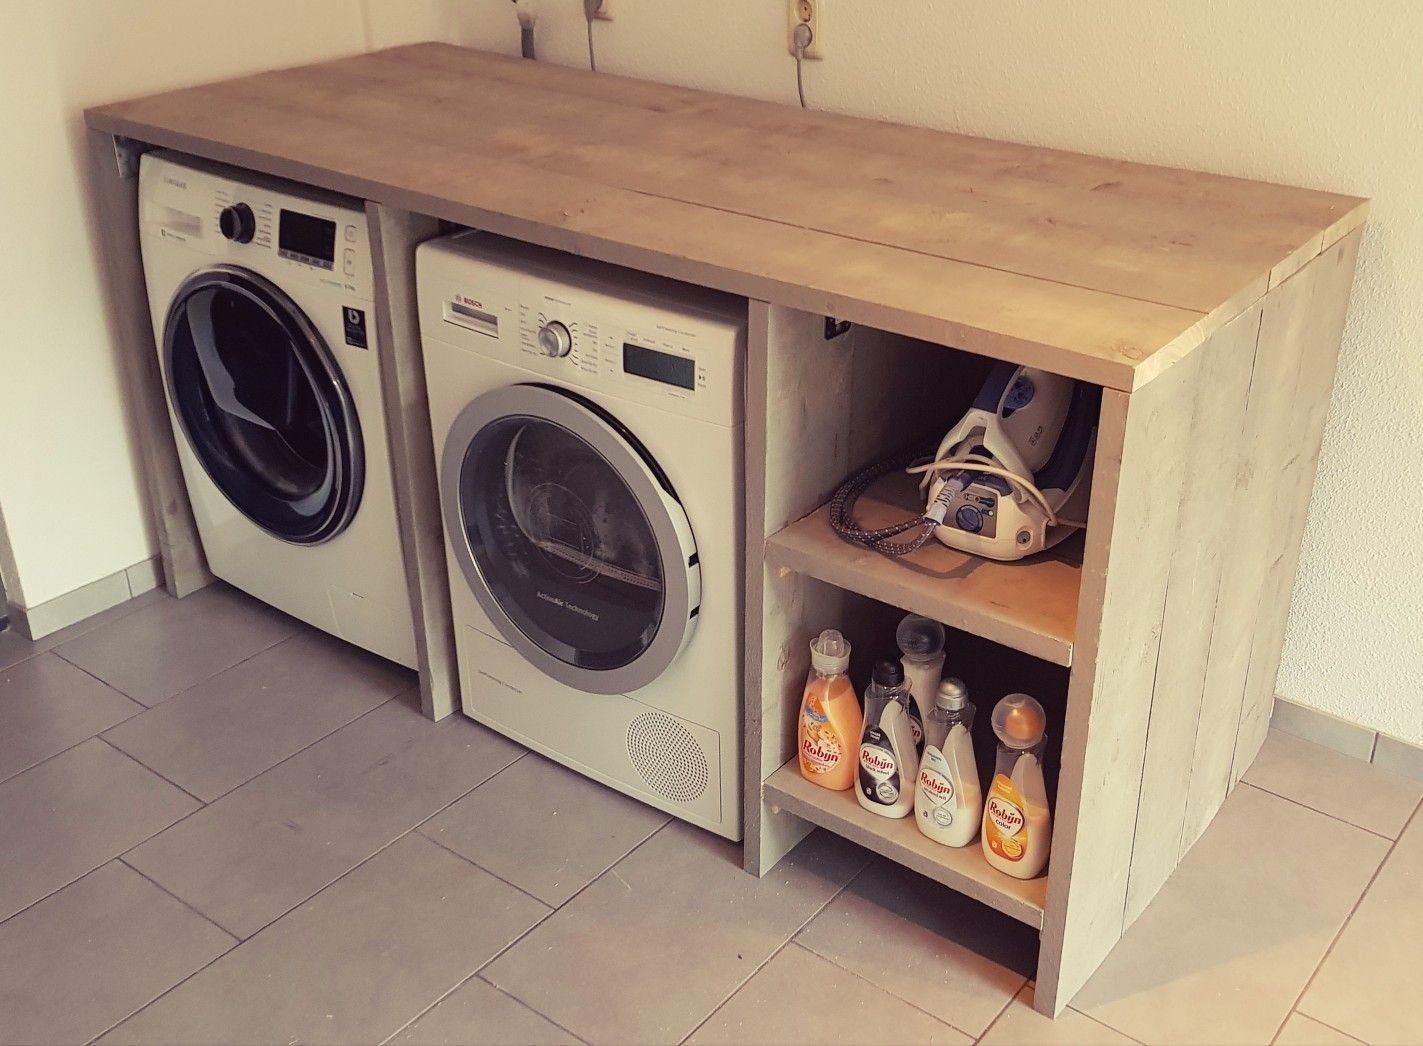 Diy steigerhouten wasmachine ombouw huis inspiratie in